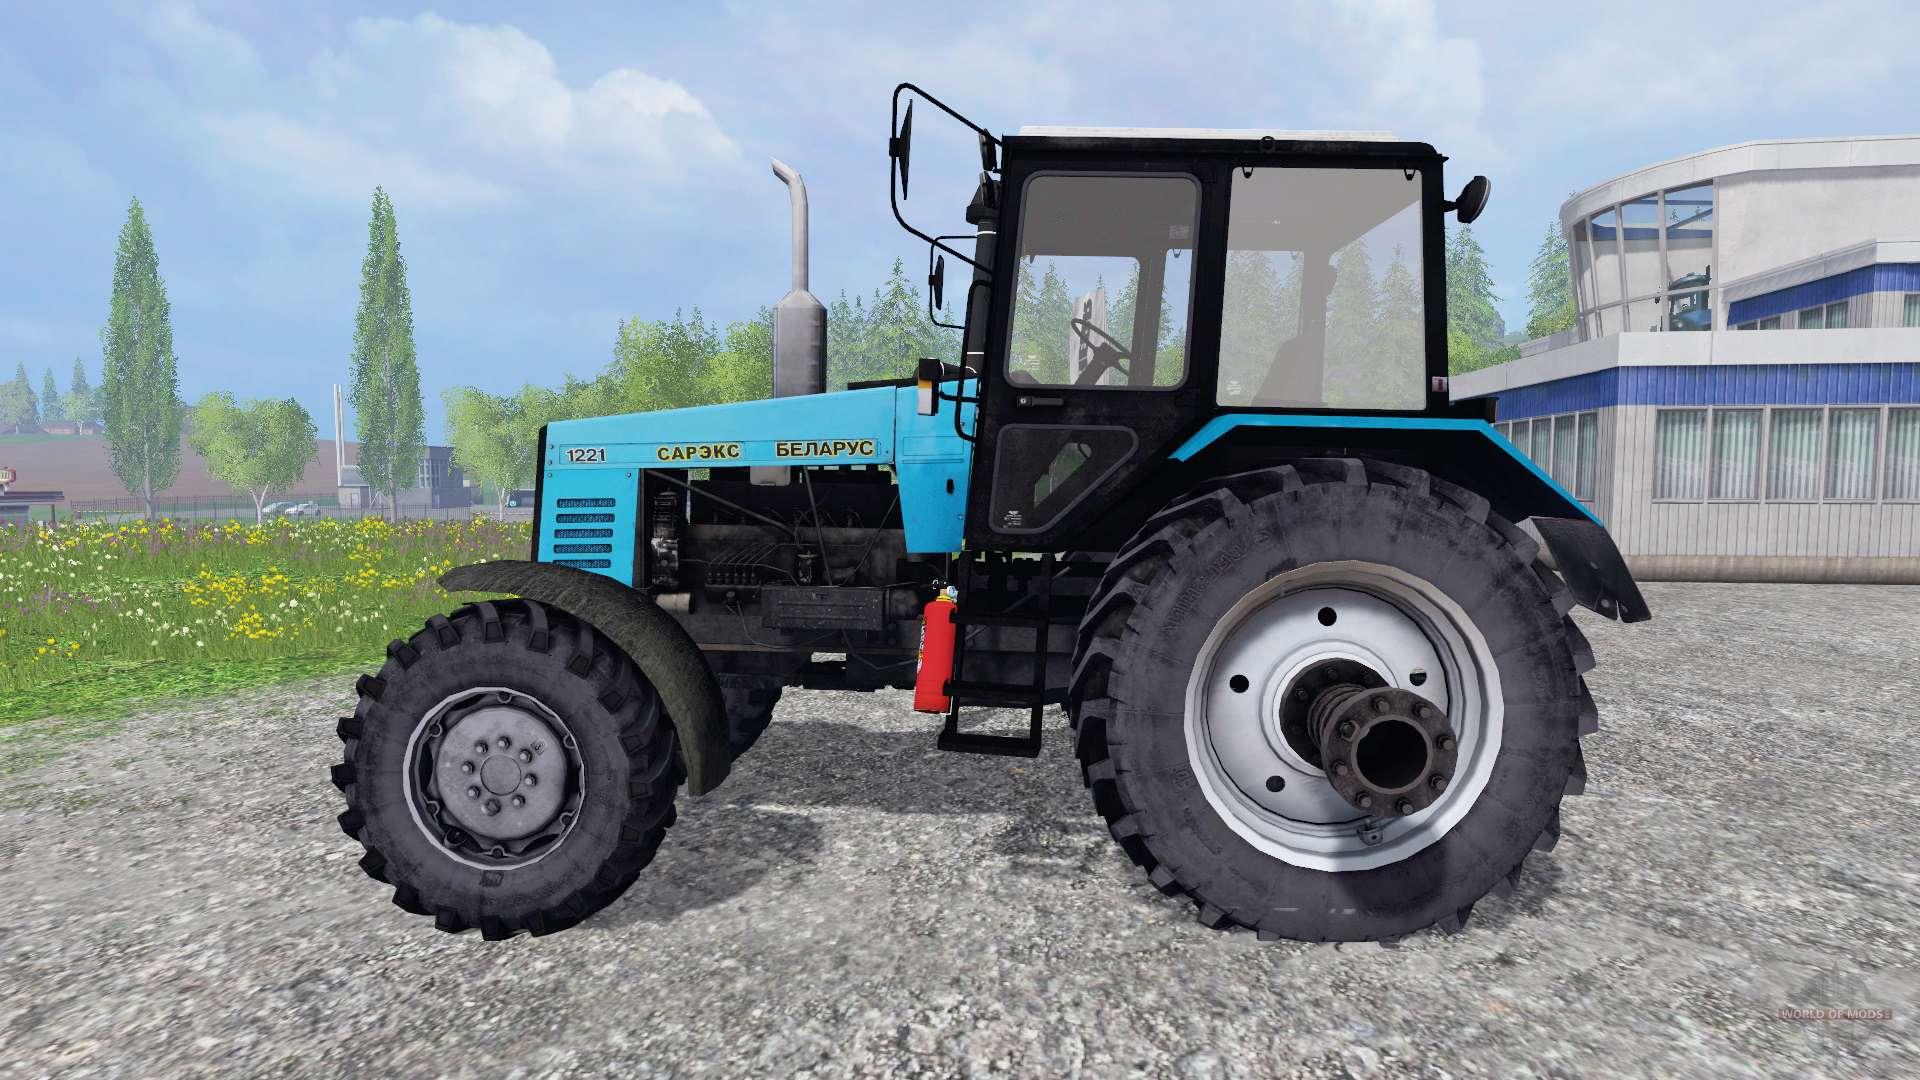 Технические характеристики трактора МТЗ - 1221 (Беларус.